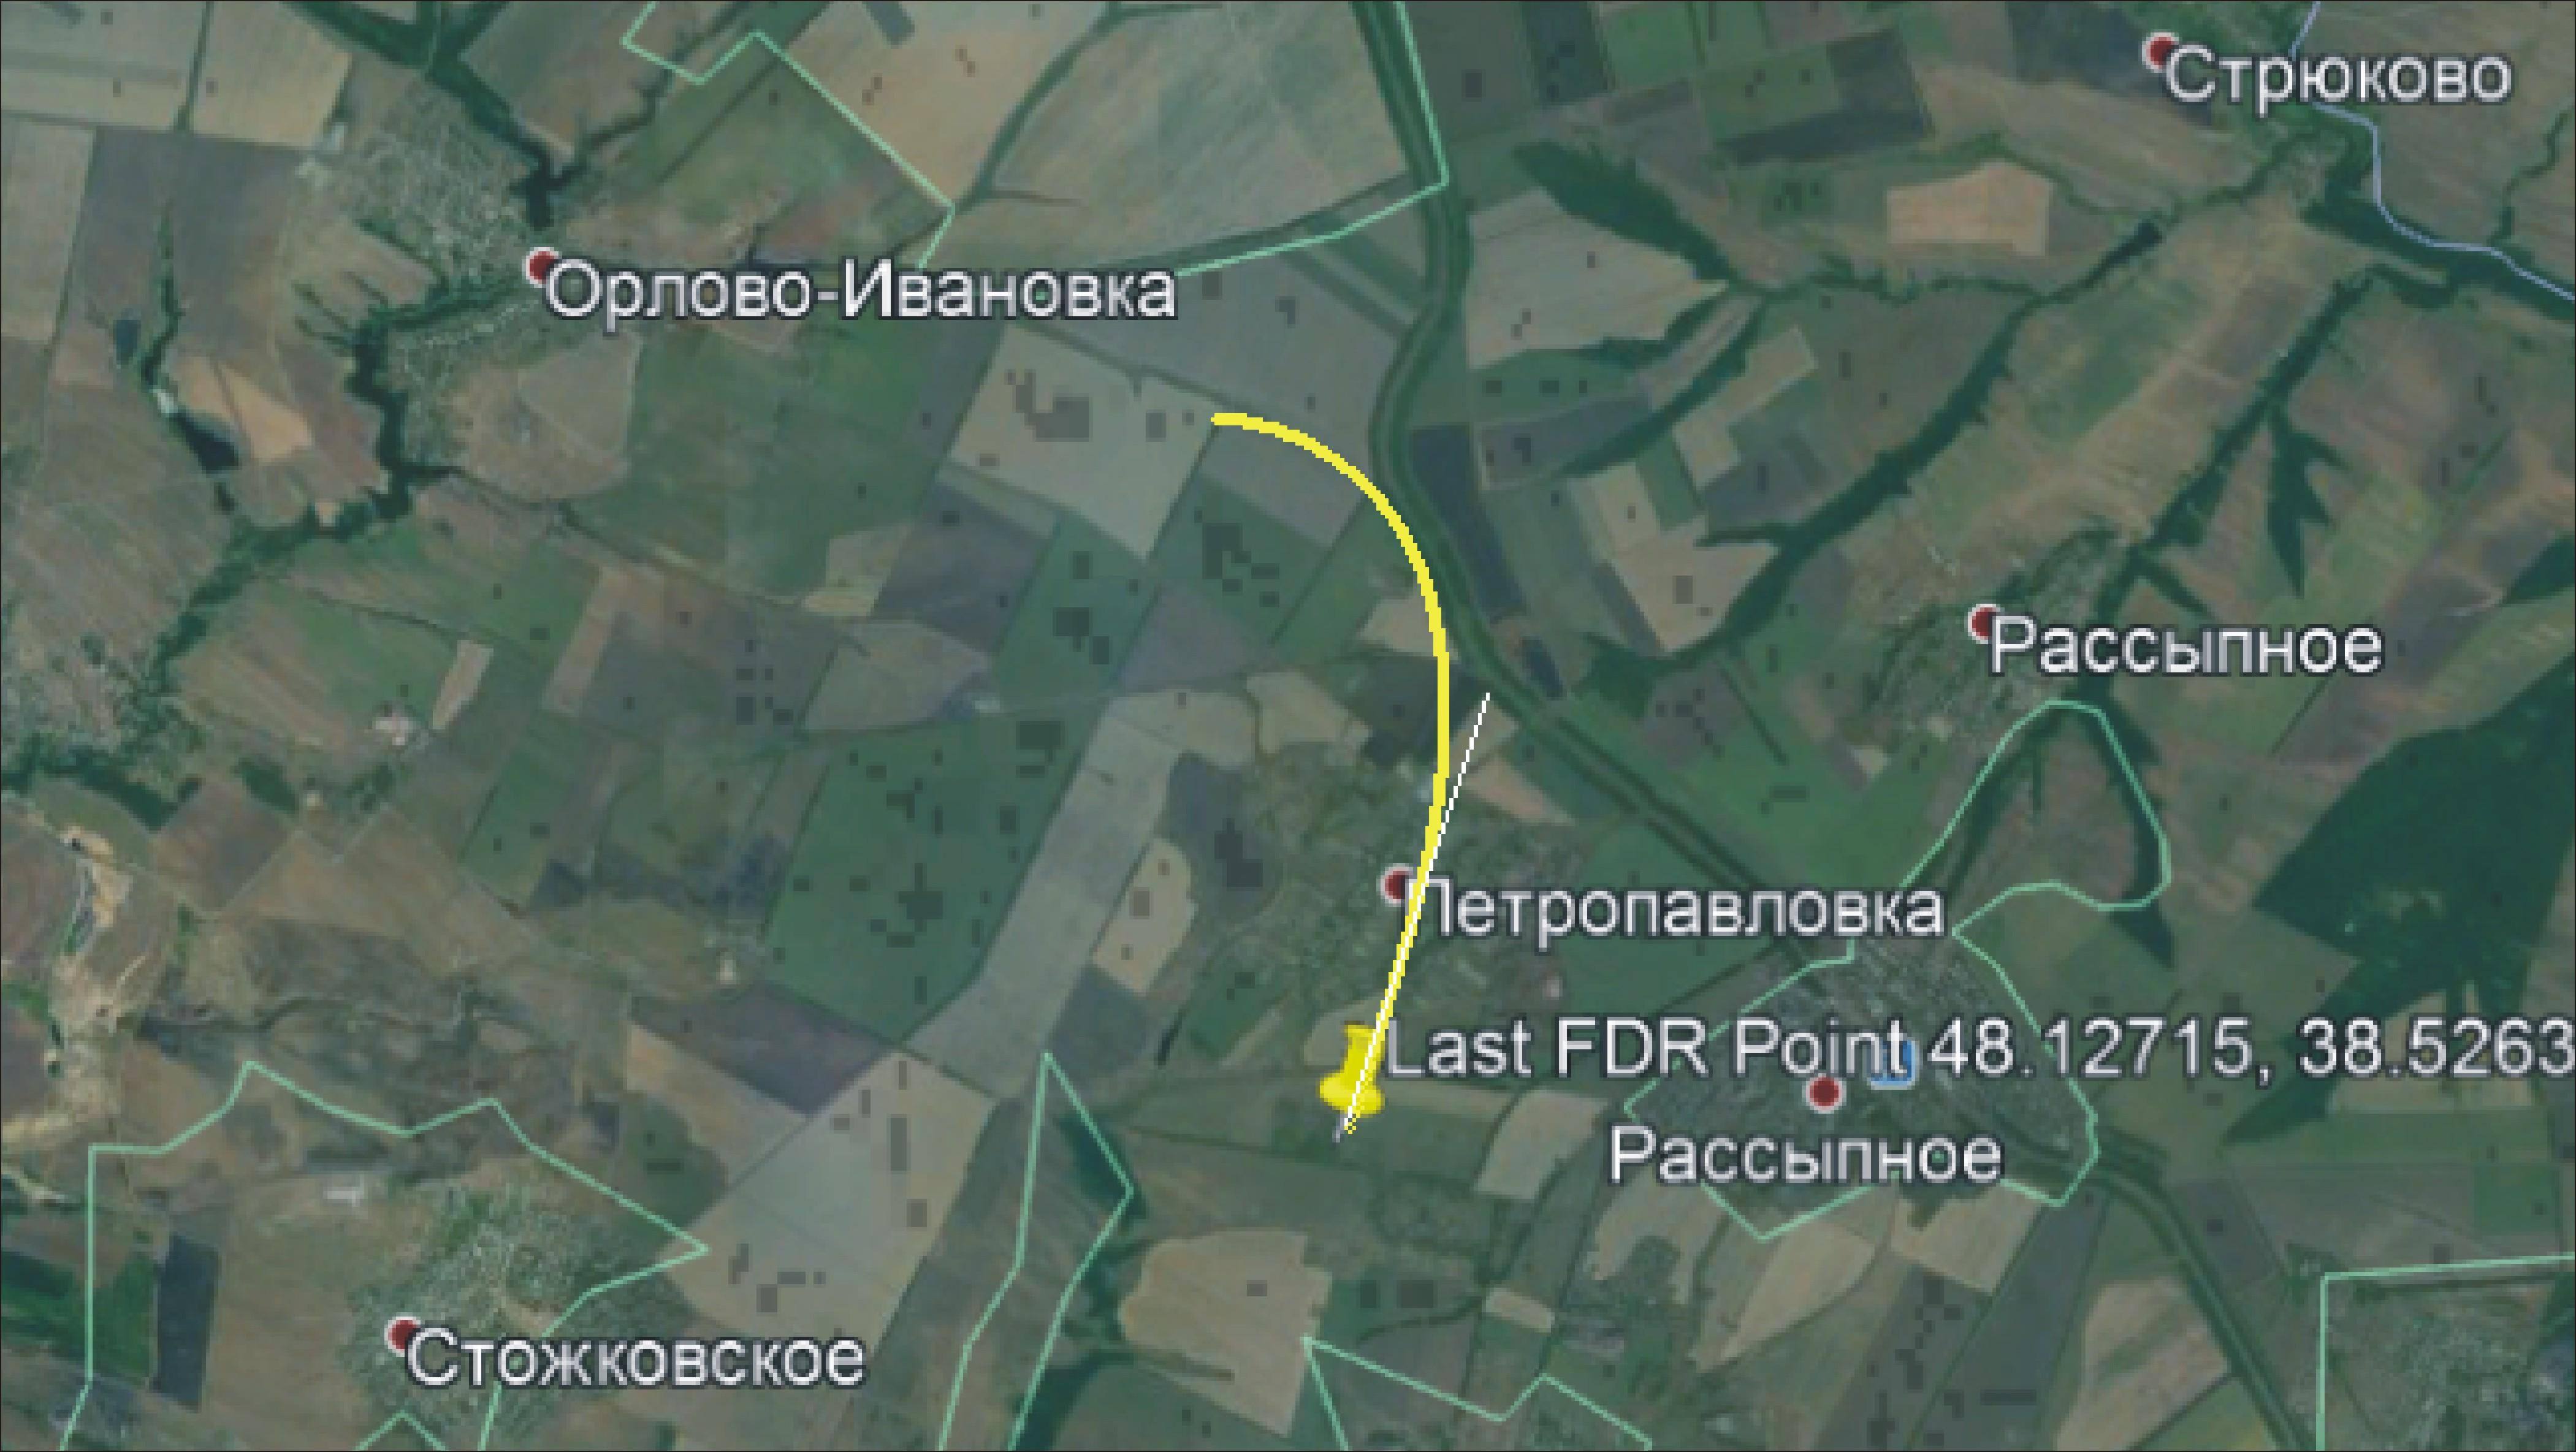 http://images.vfl.ru/ii/1550432566/8b97bc9c/25439425.jpg